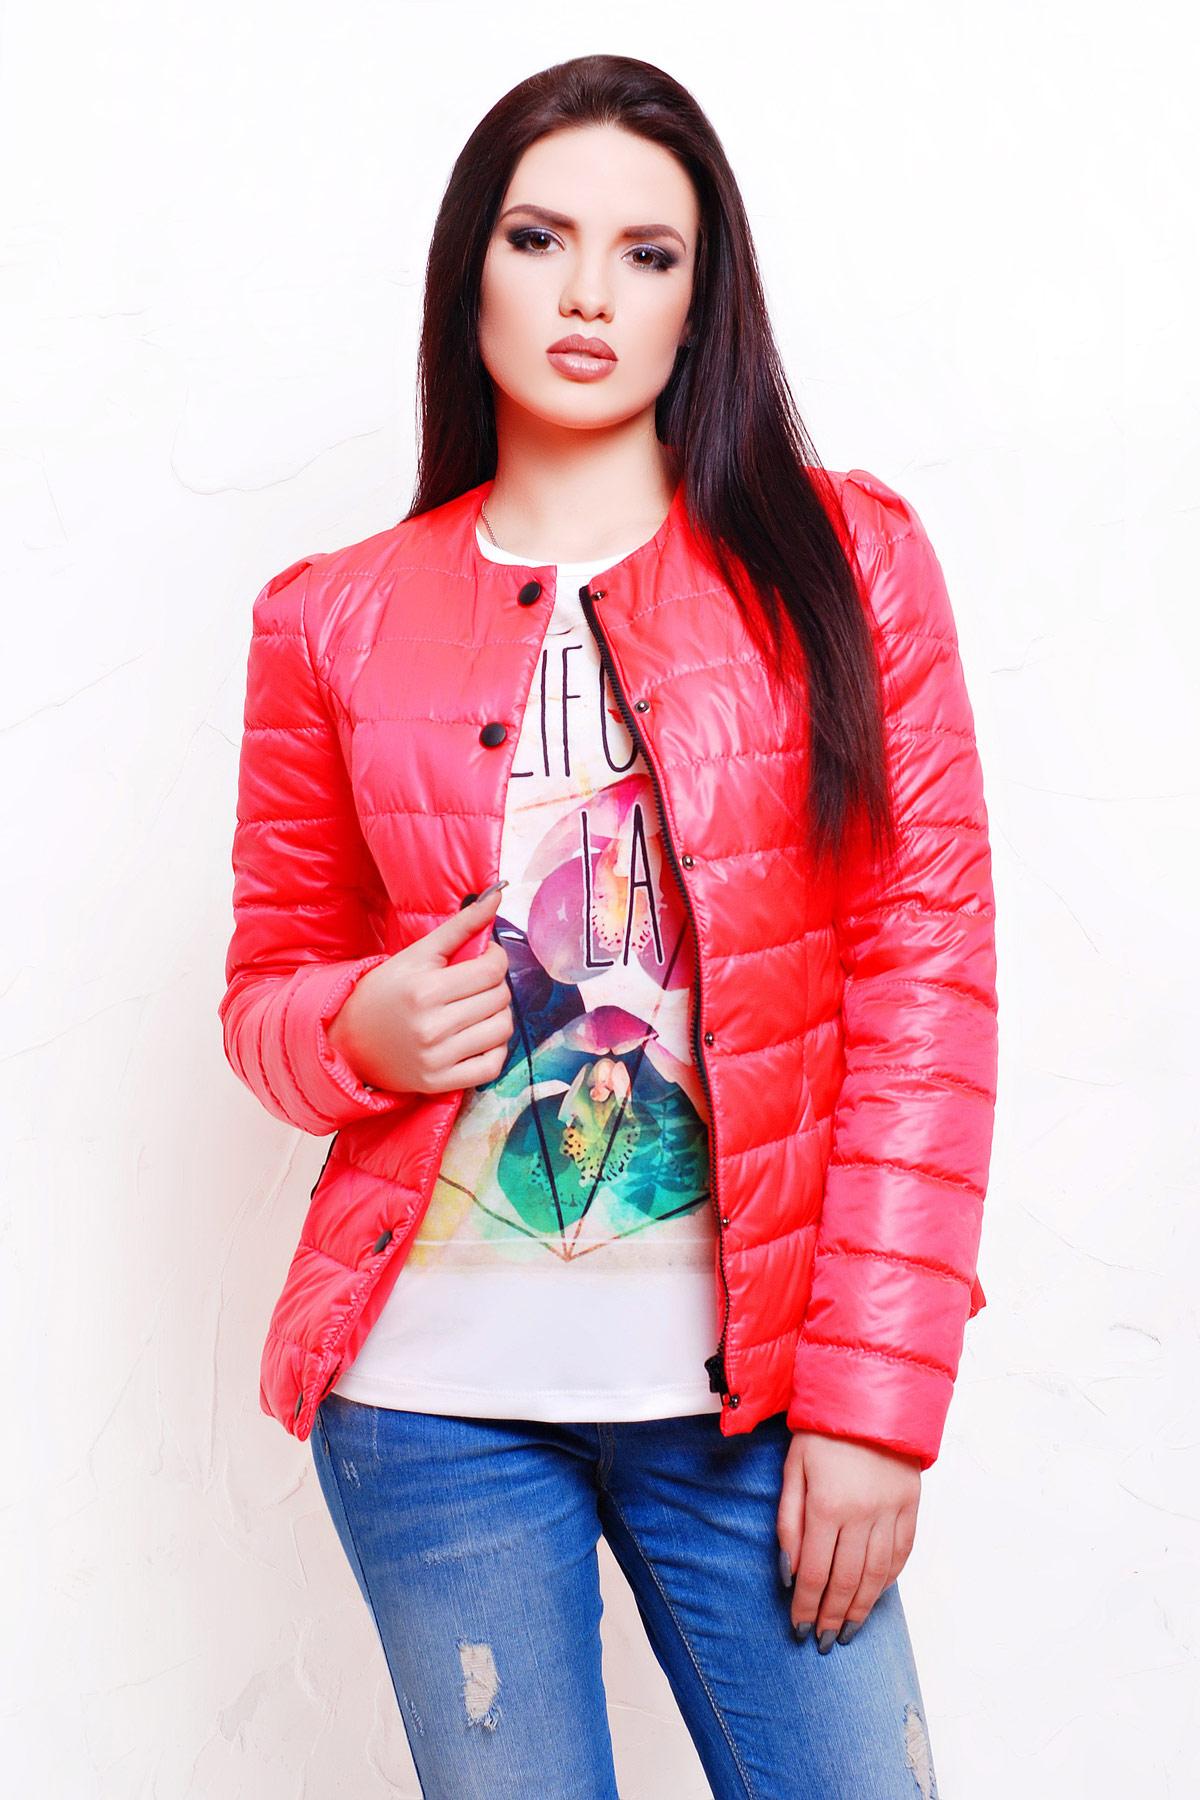 c1df5d596268 короткая женская куртка на осень цвета пудра. куртка Квин. Цвет  ультра  розовый